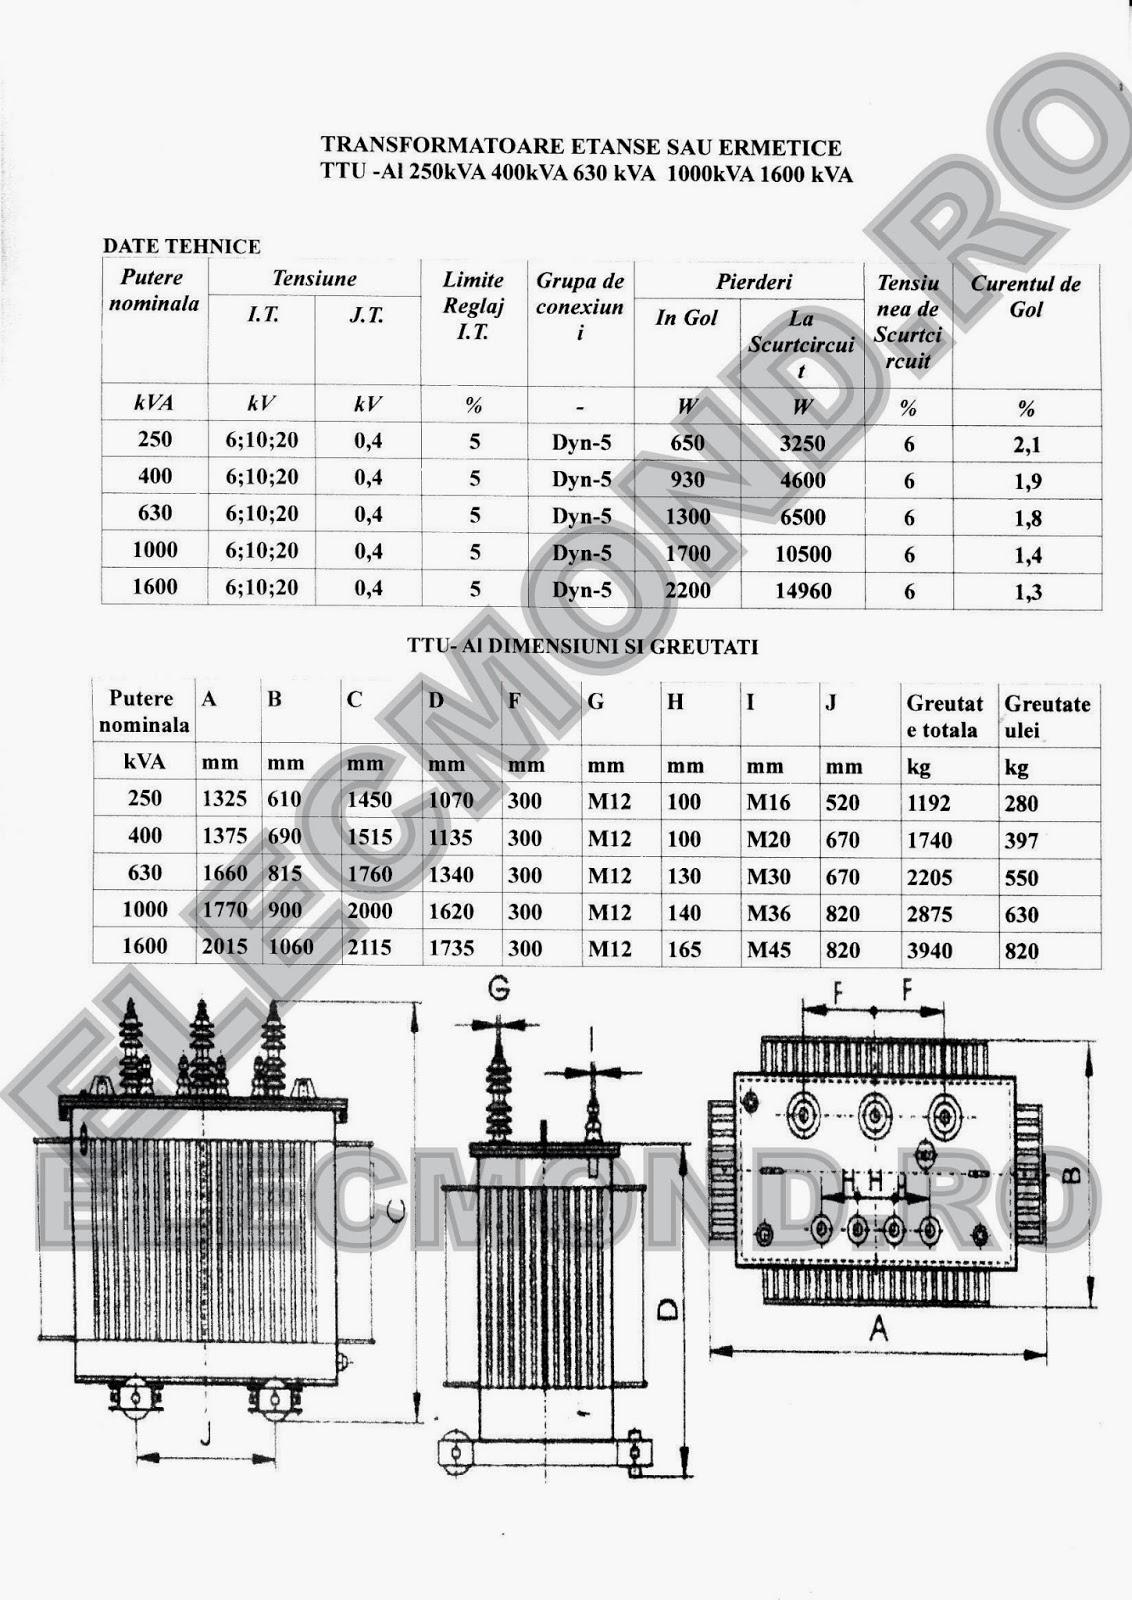 DATE TEHNICE TRANSFORMATOARE ERMETICE ETANSE  ALUMINIU 250 kVA 400 kVA 630 kVA 1000 kVA 1600 kVA